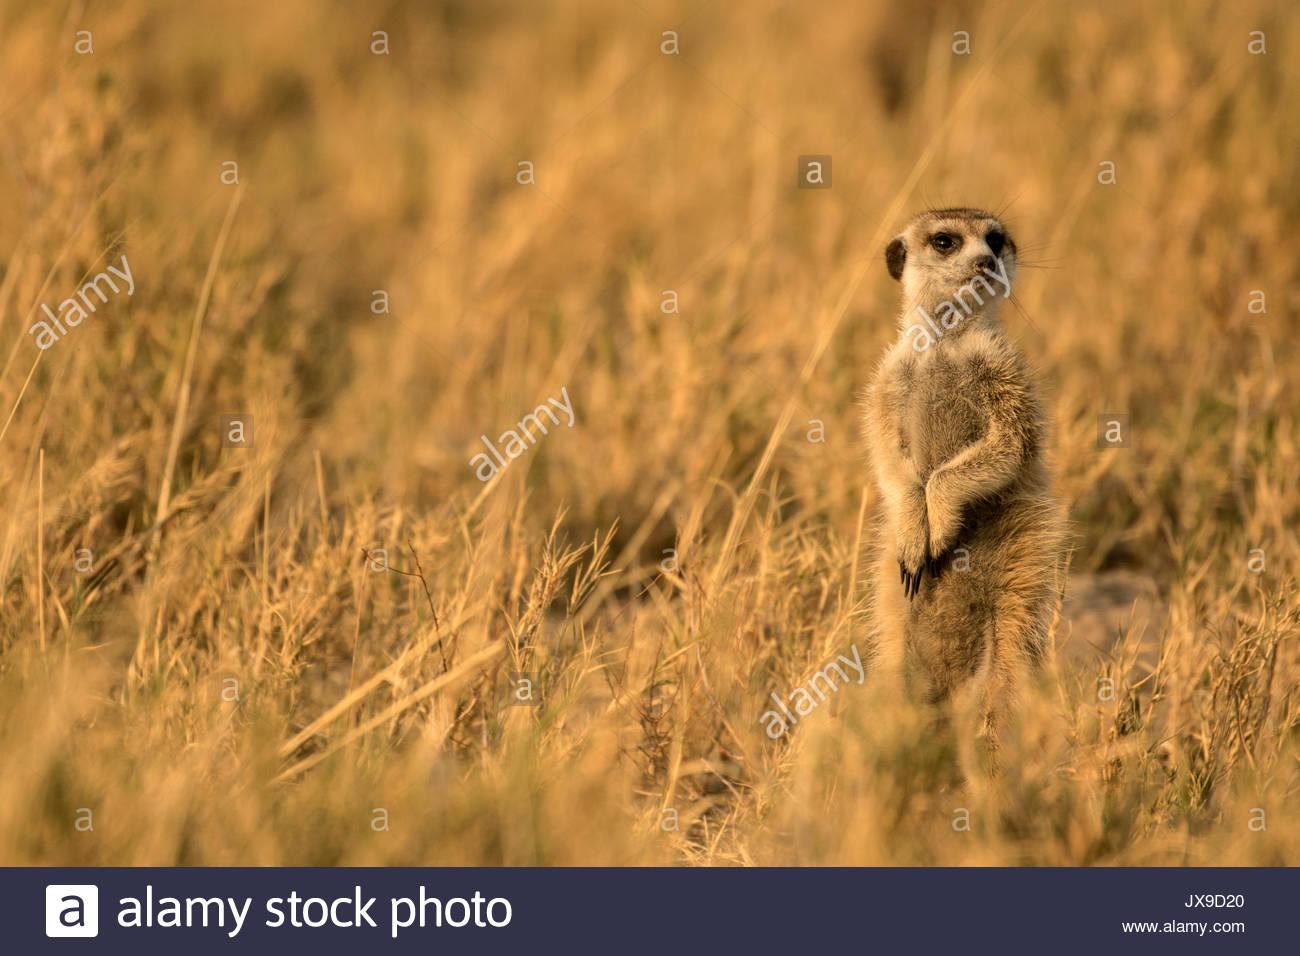 Un meerkat nel deserto Kalaharari's Makgadikgadi Pan. Immagini Stock